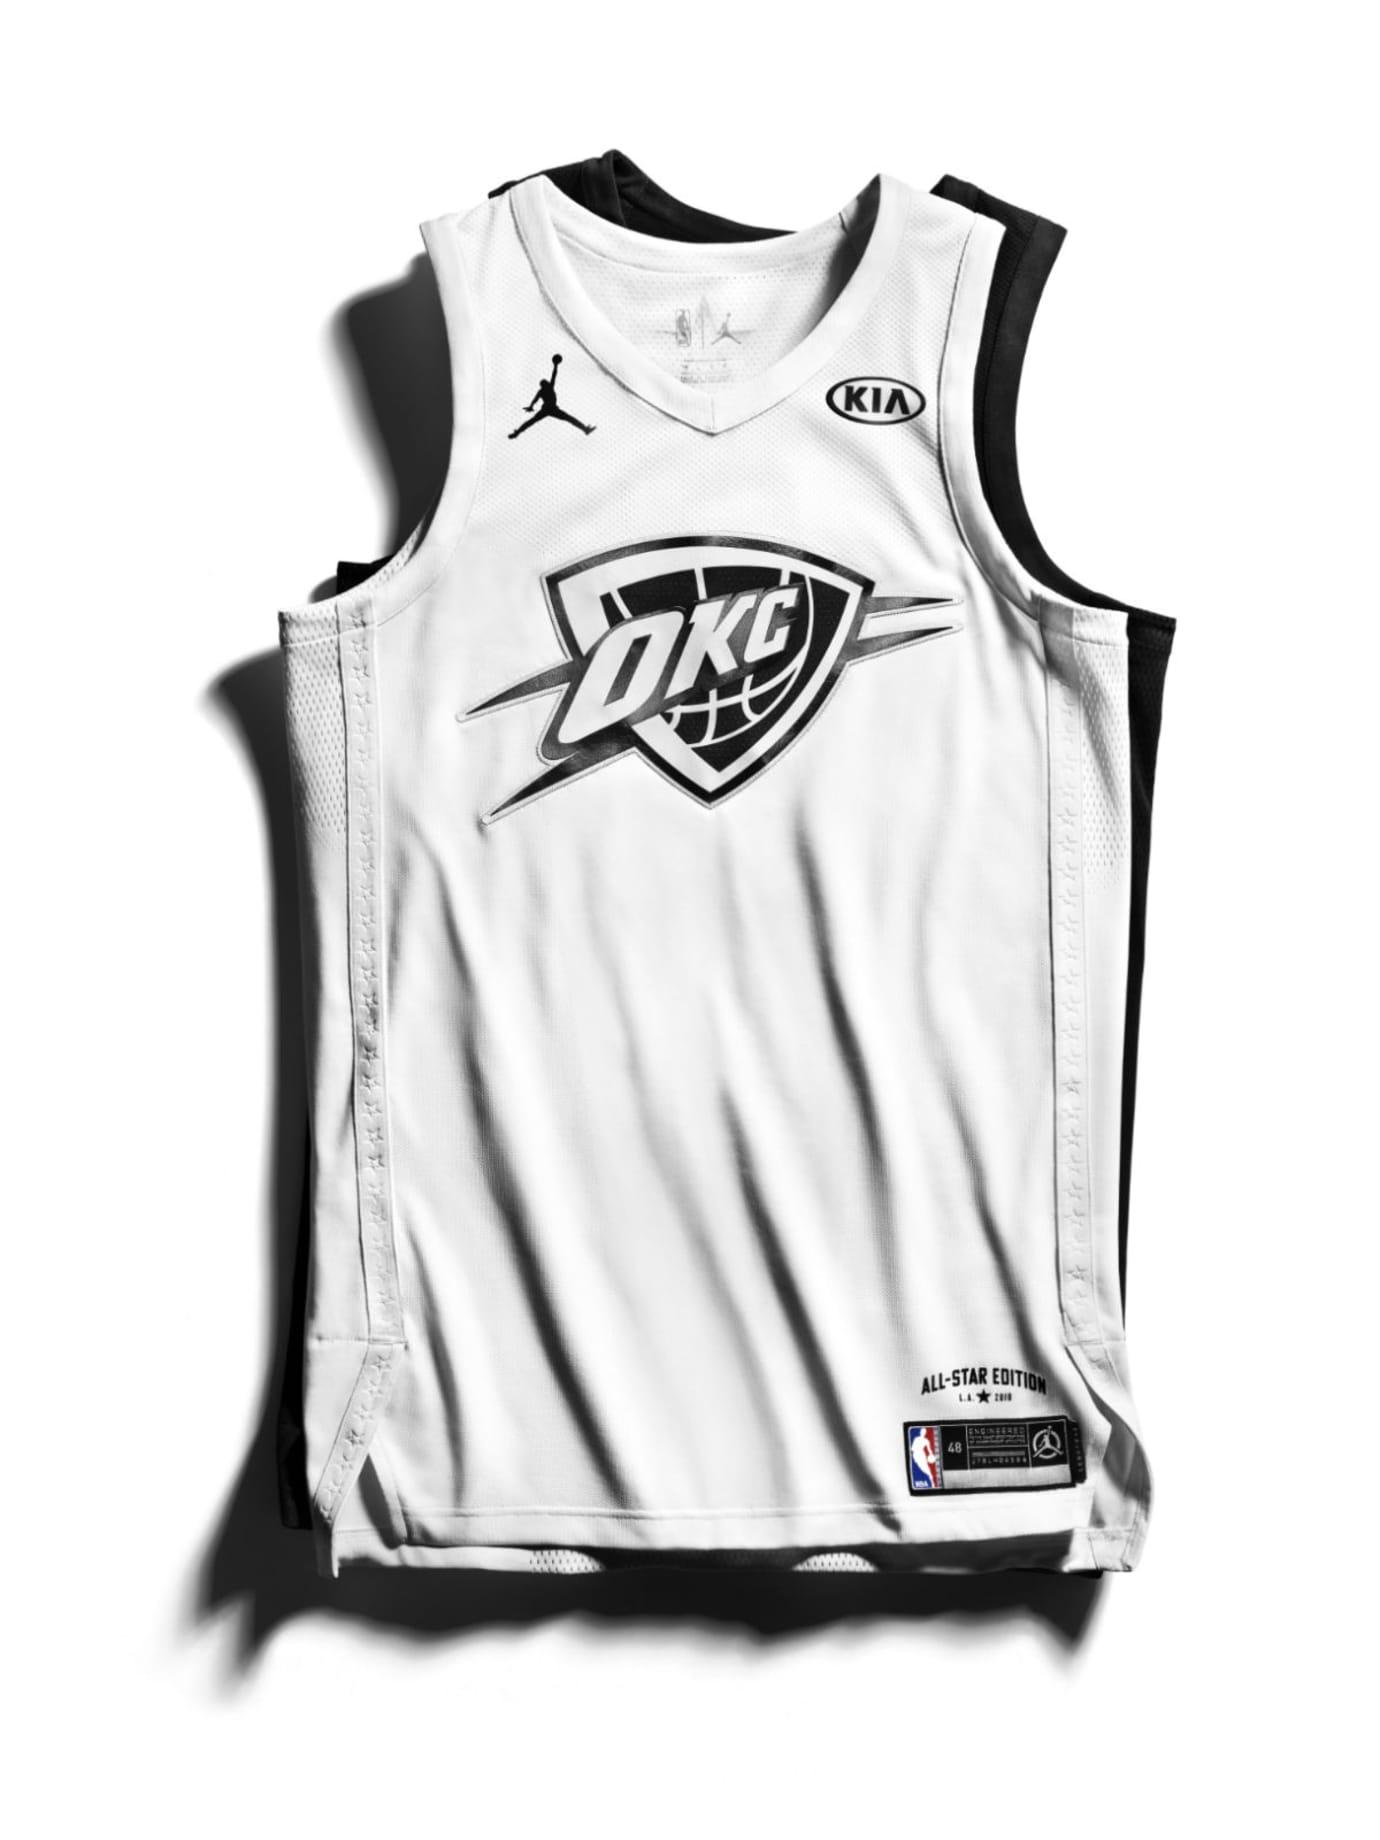 f6d432d56e74 Jordan Brand 2018 NBA All-Star Jerseys Westbrook Front